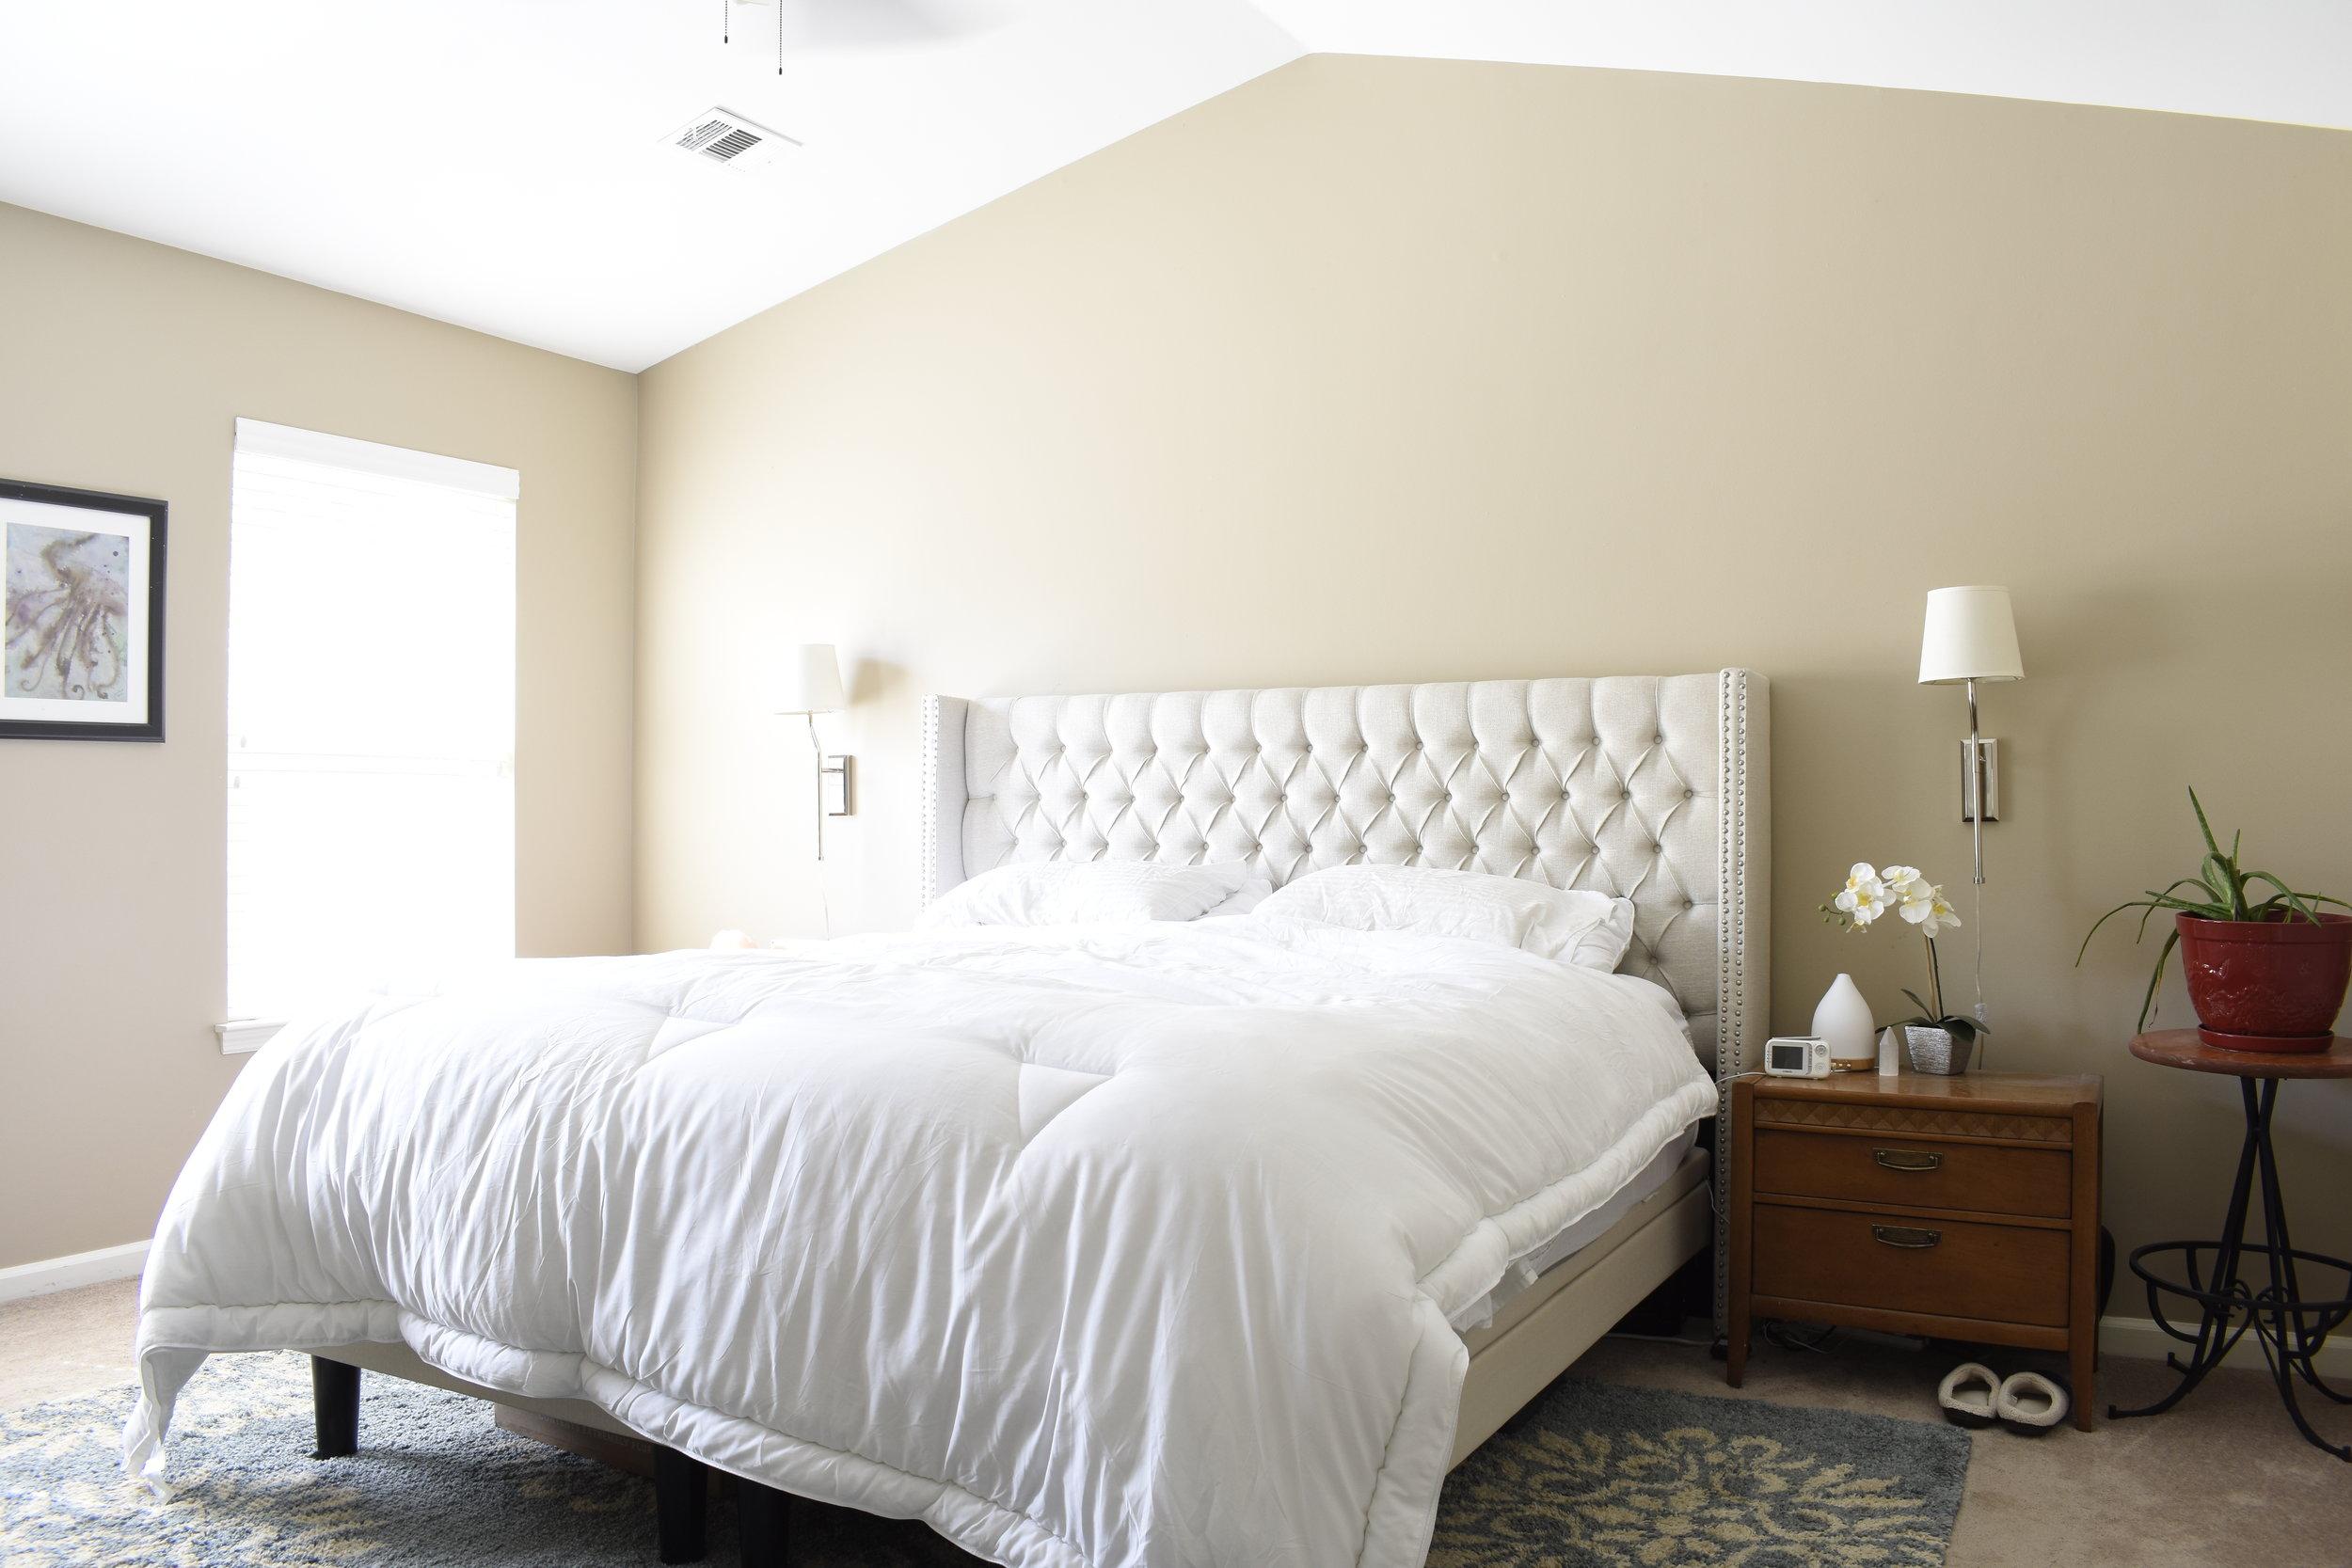 master bedroom neutral tufted headboard.JPG